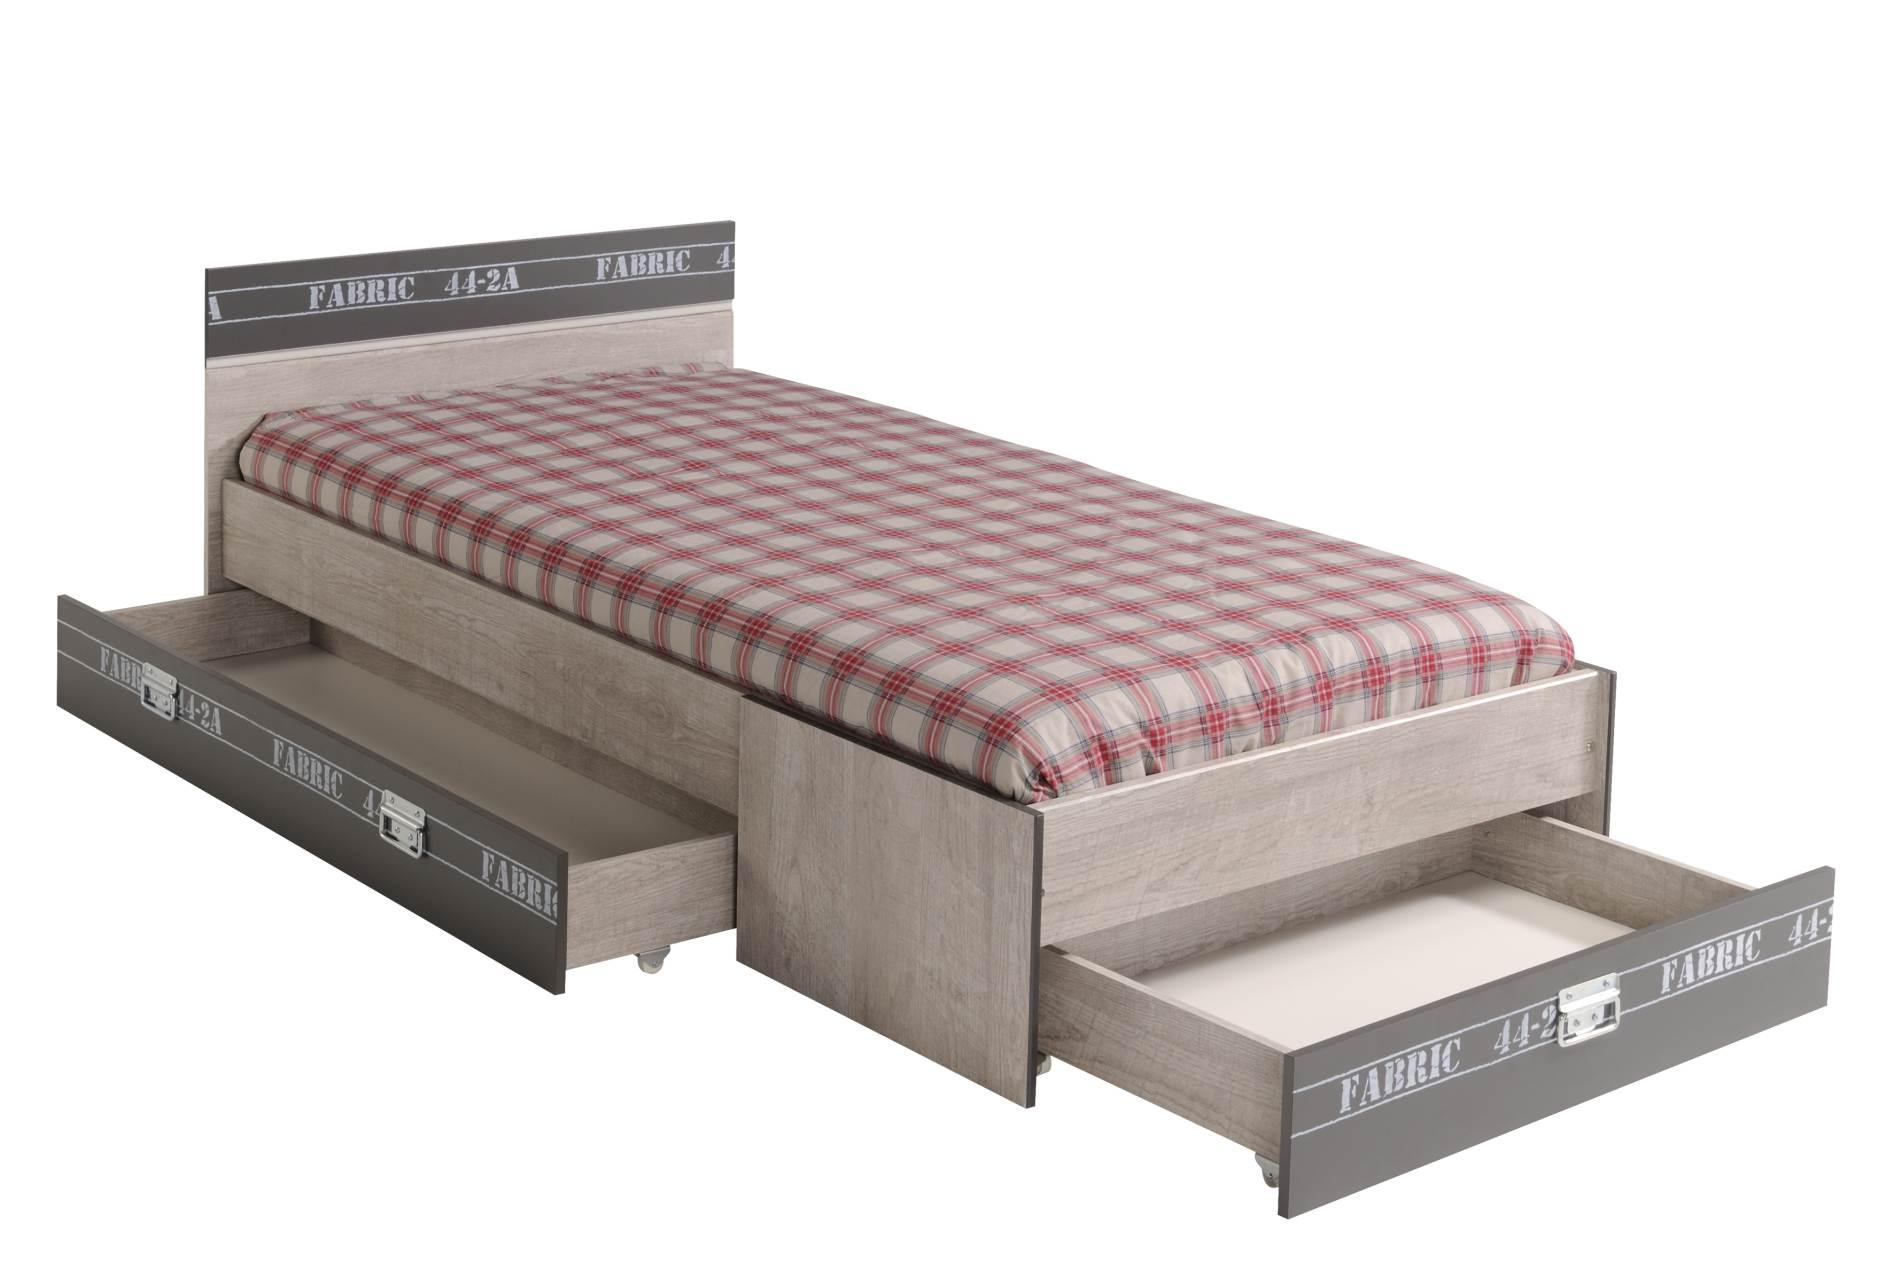 kinderbett jugendbett fabric 90 x 200 mit 3 schubk sten von parisot. Black Bedroom Furniture Sets. Home Design Ideas